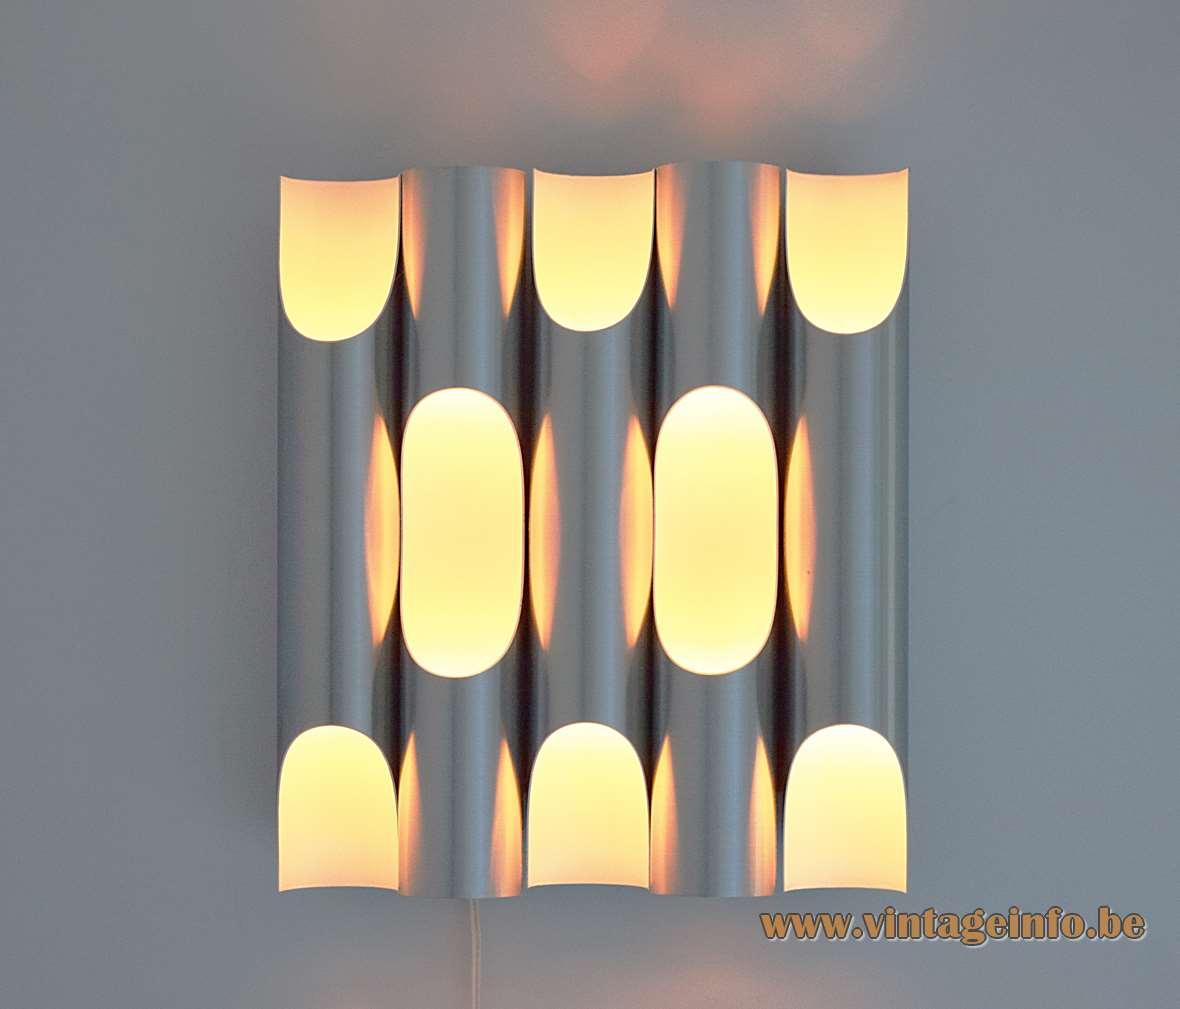 Raak Fuga wall lamp design Maja Liisa Komulainen 1950s 1960s 1970s aluminium organ pipes MCM Mid-Century Modern